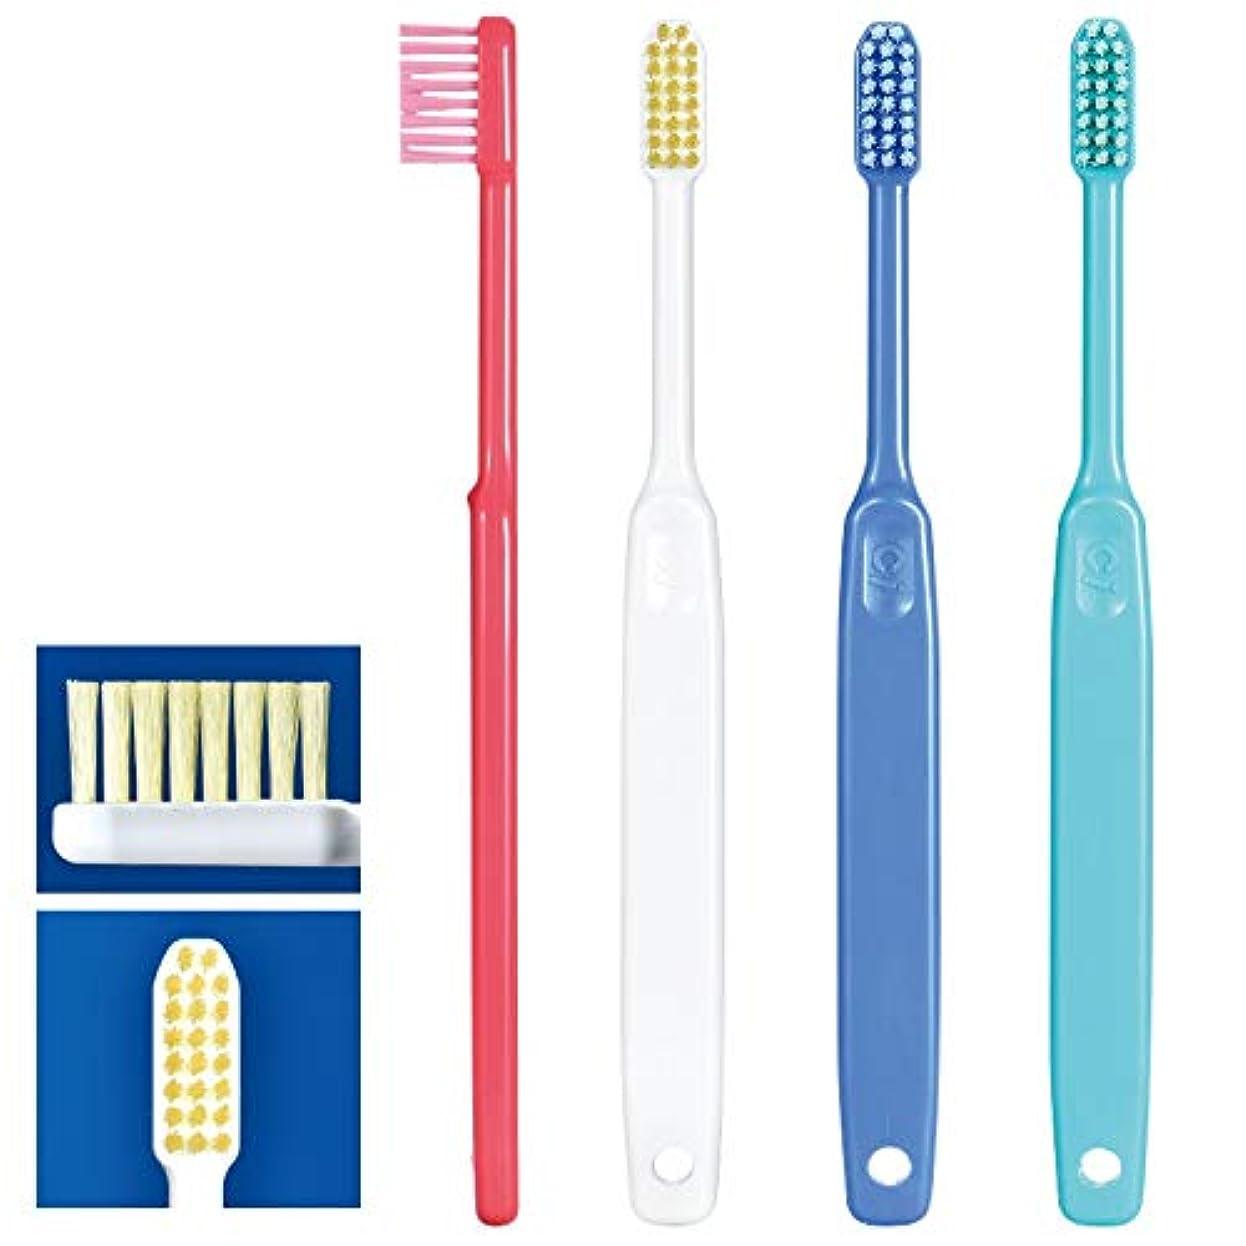 終わり霜艦隊Ci20カラー歯ブラシ 20本 MS(やややわらかめ) 日本製 カラー毛 高密度植毛 歯科専売品